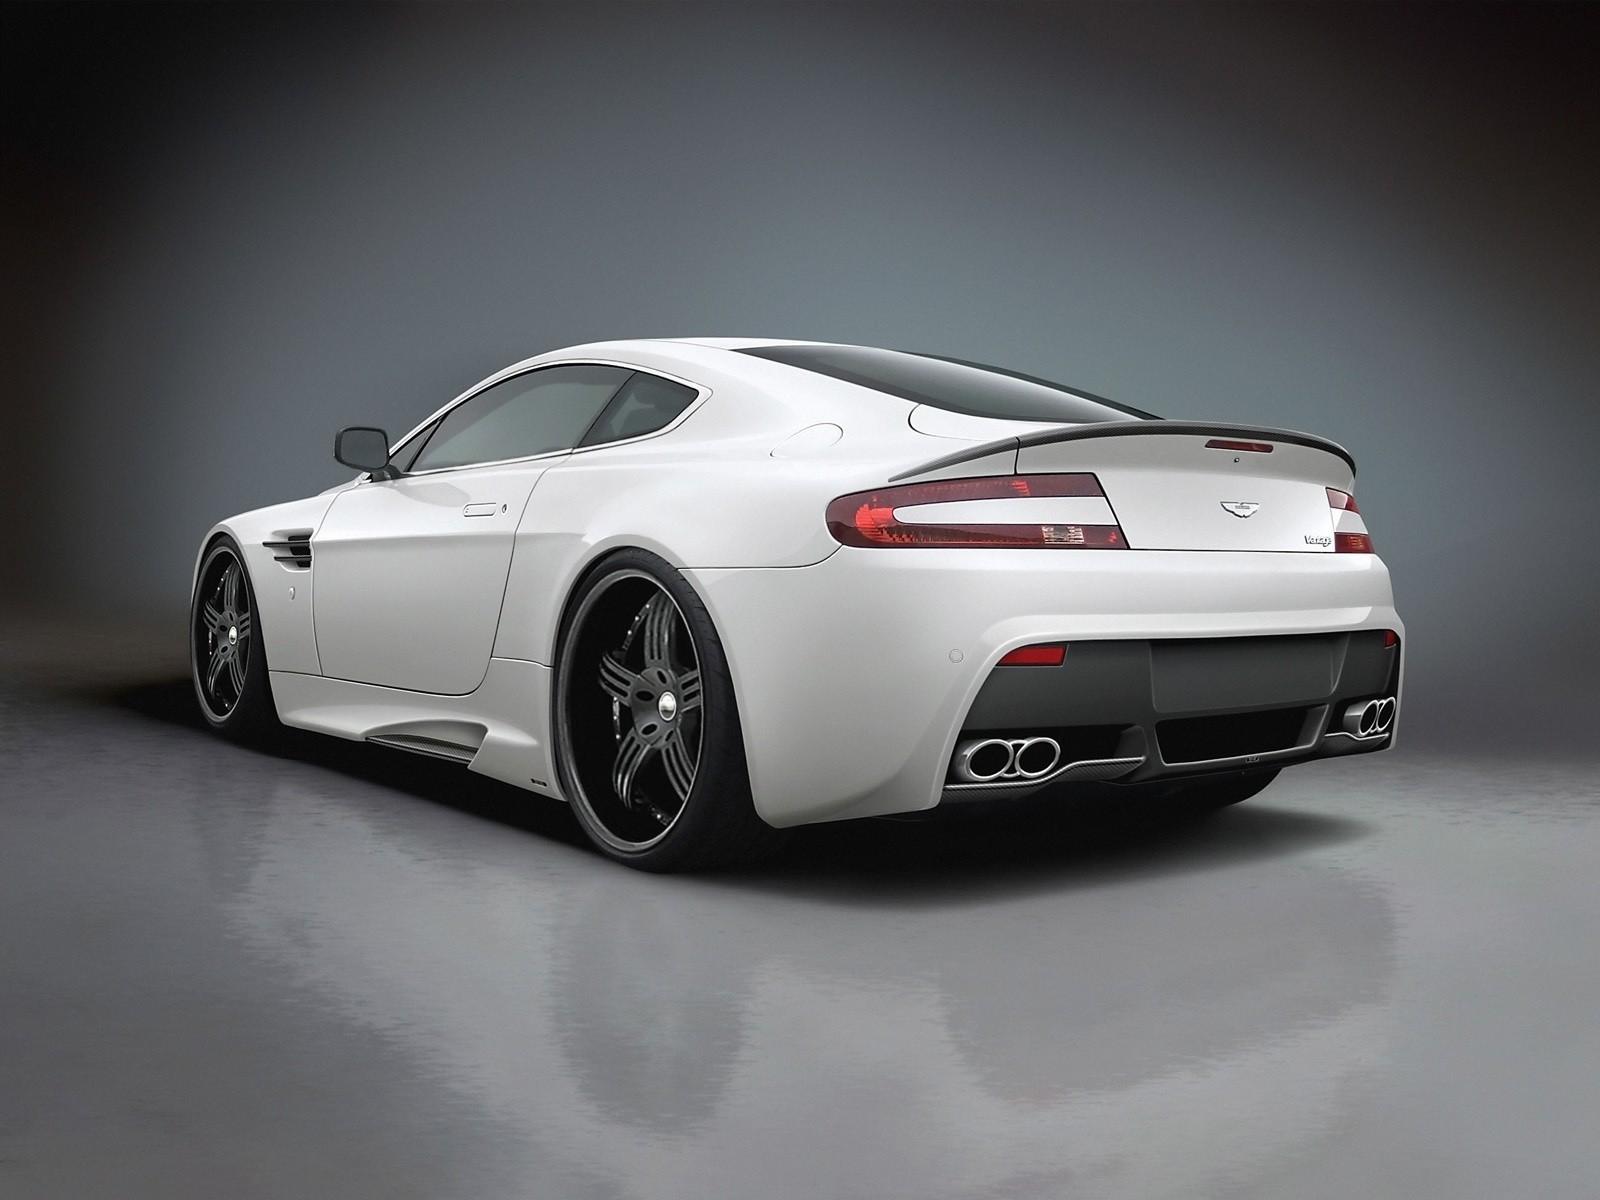 10065 скачать обои Транспорт, Машины, Астон Мартин (Aston Martin) - заставки и картинки бесплатно